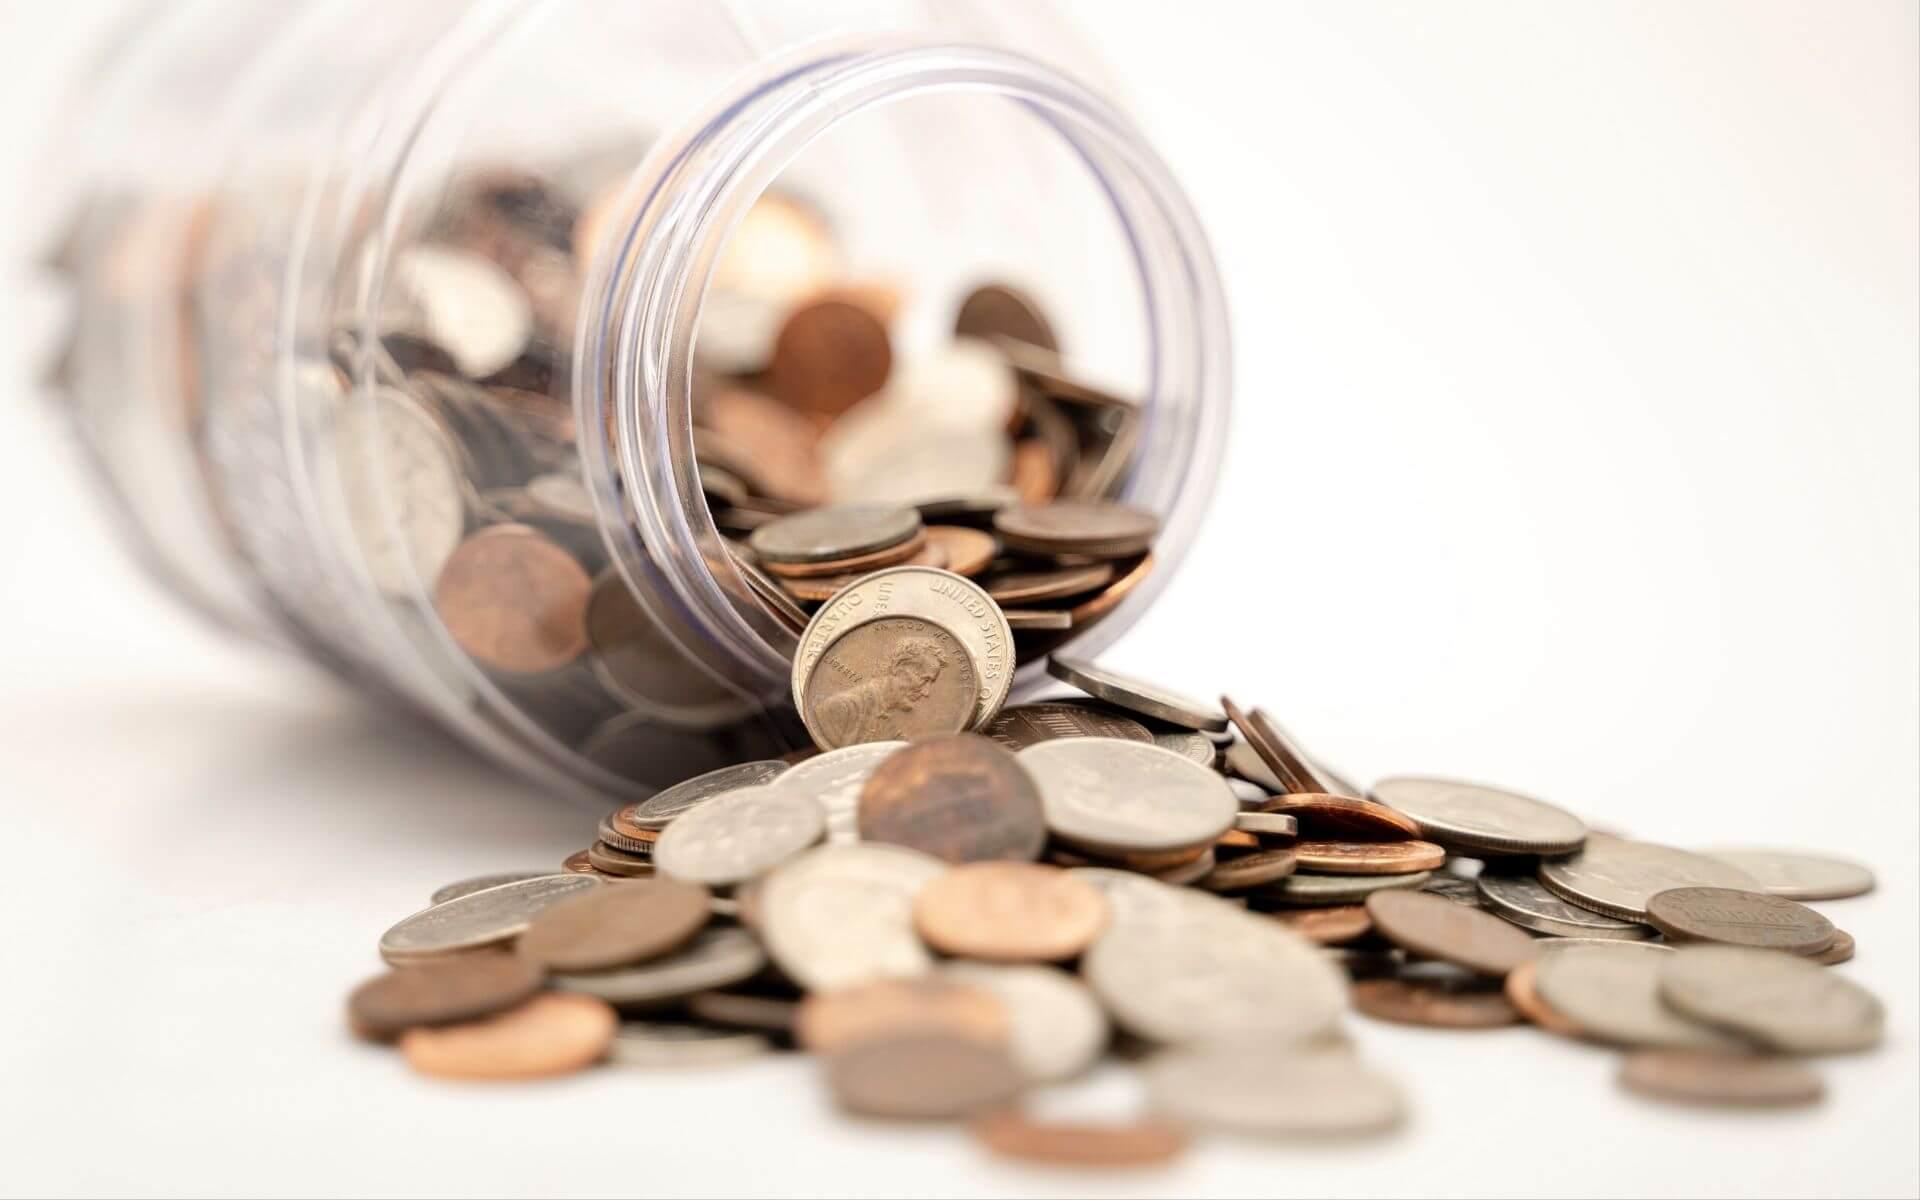 Du willst Geld sparen? Hier sind 10 Tipps für den Alltag!